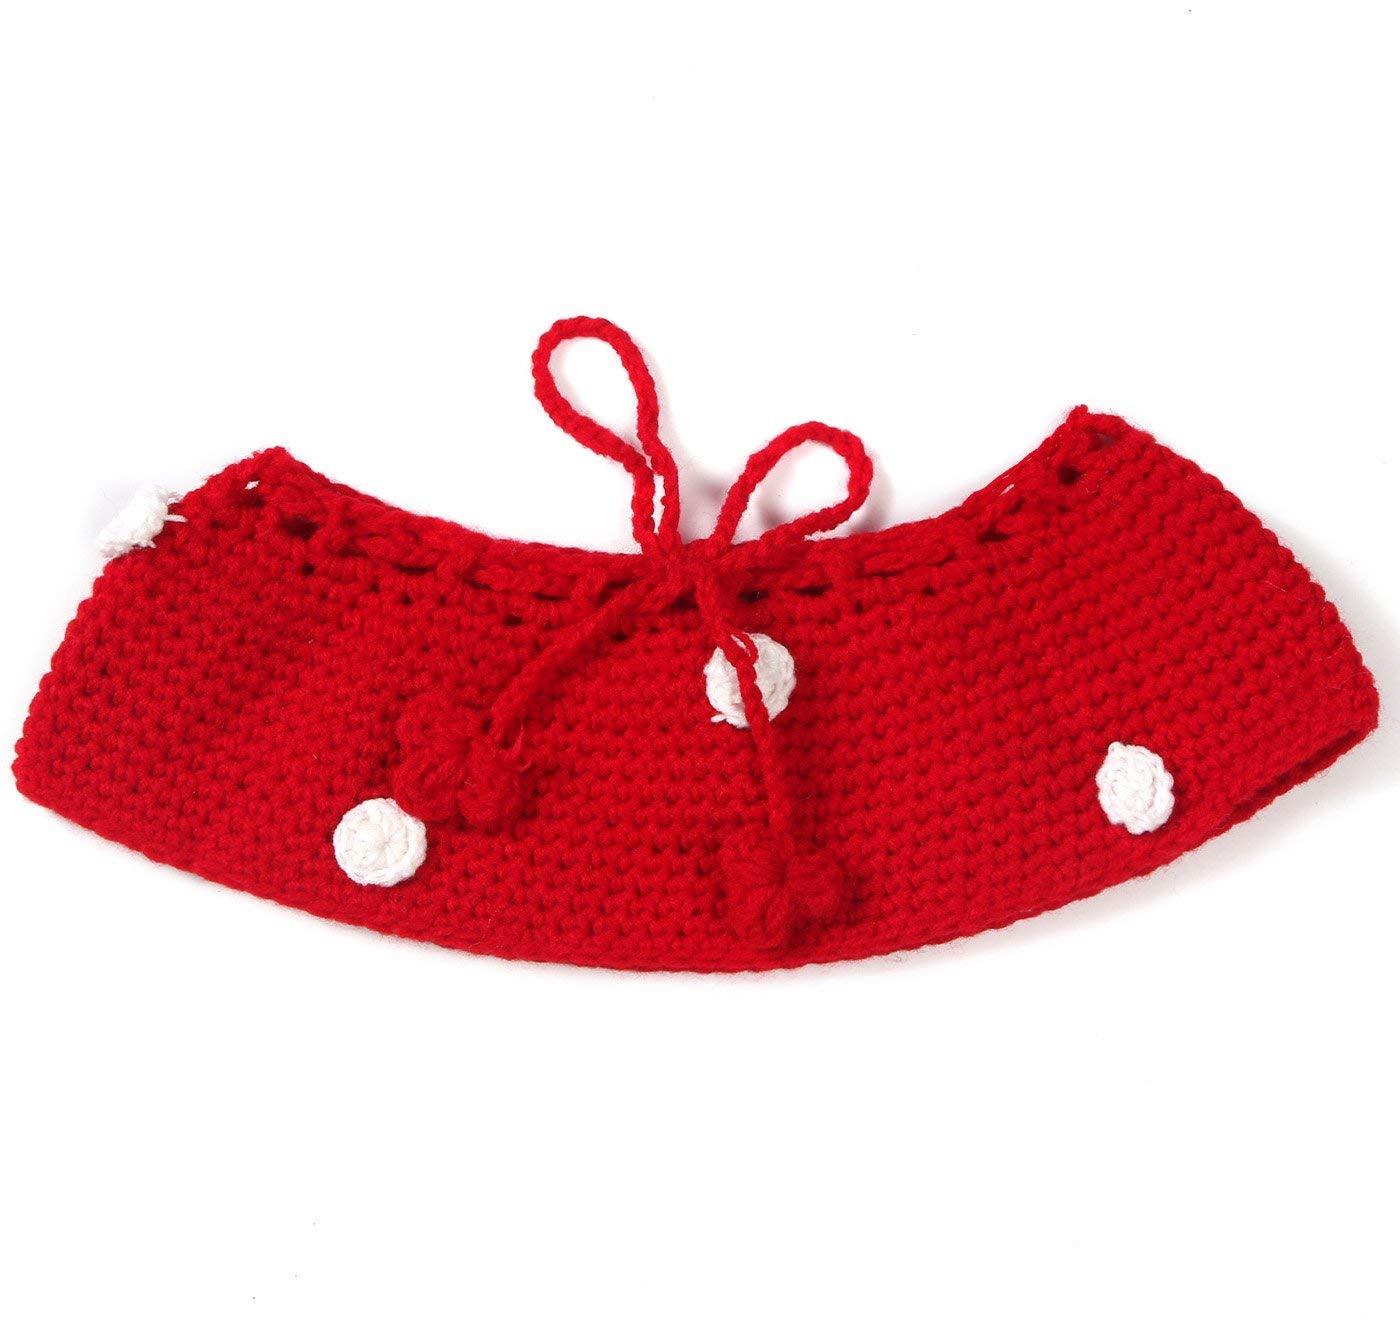 SYMTOP Traje de Bebé Recién Nacido Foto Sombreros Crochet Knit - Minnie: Amazon.es: Juguetes y juegos